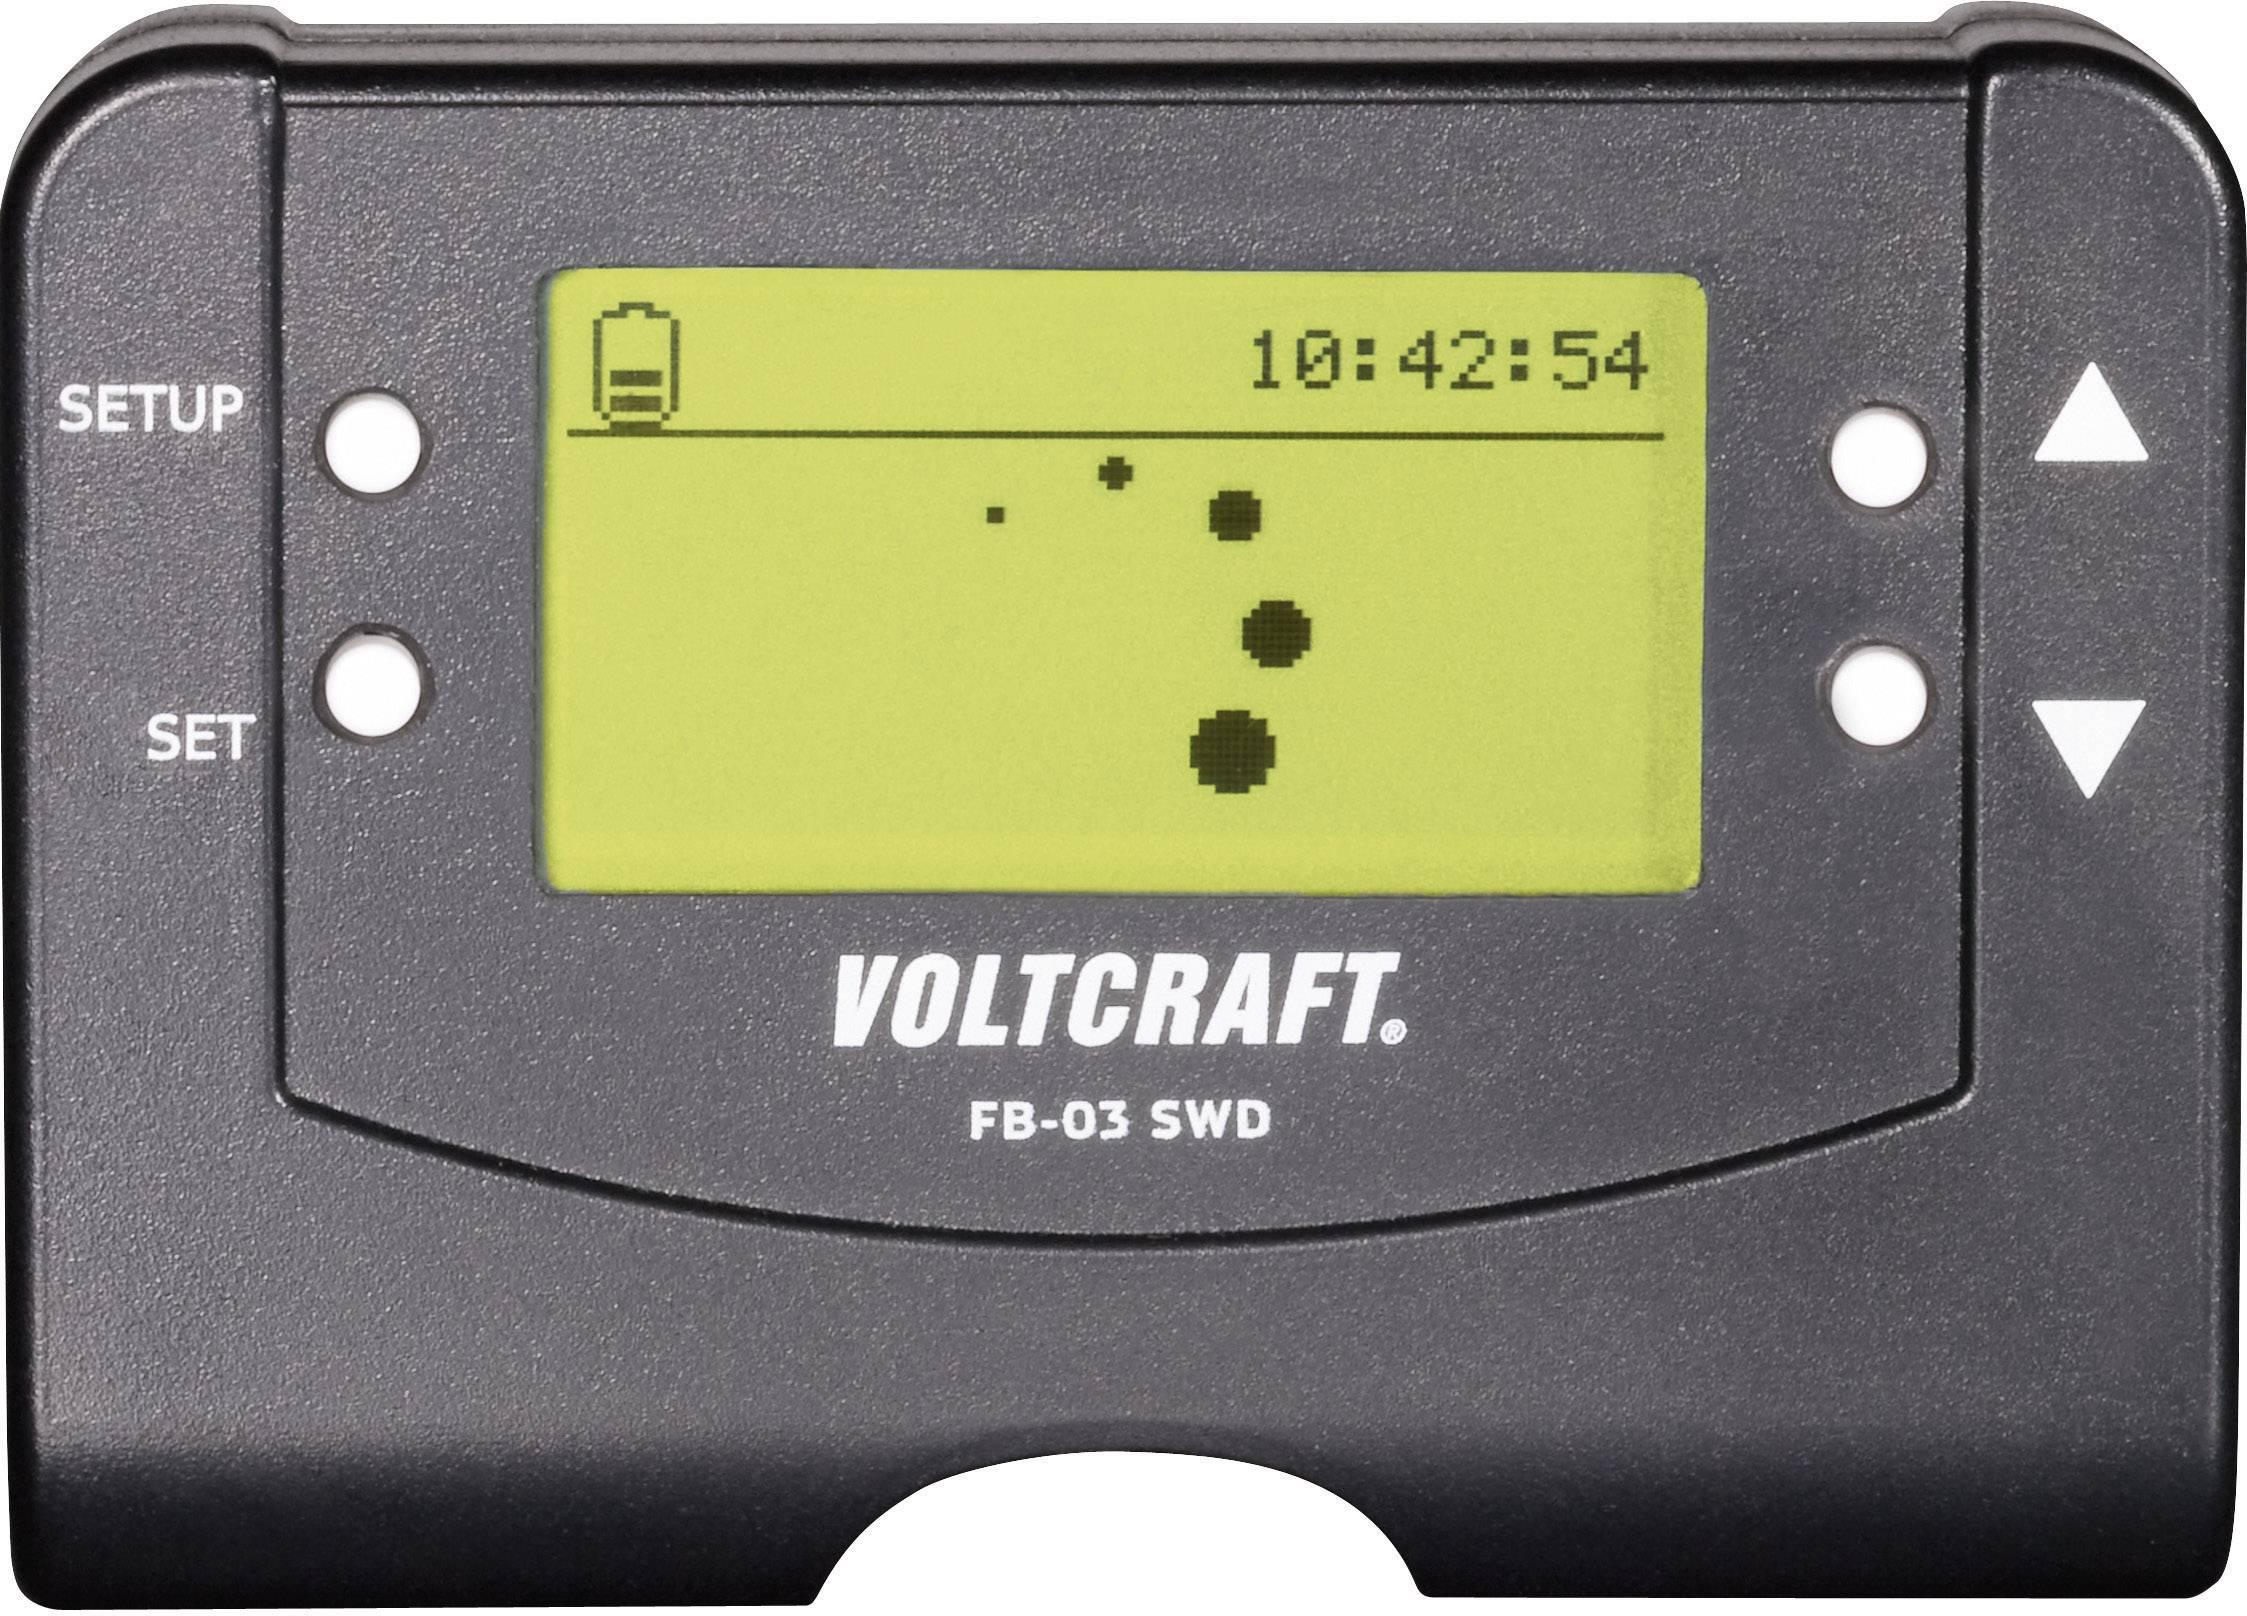 Bezdrátové dálkové ovladání s displejem Voltcraft FB-03